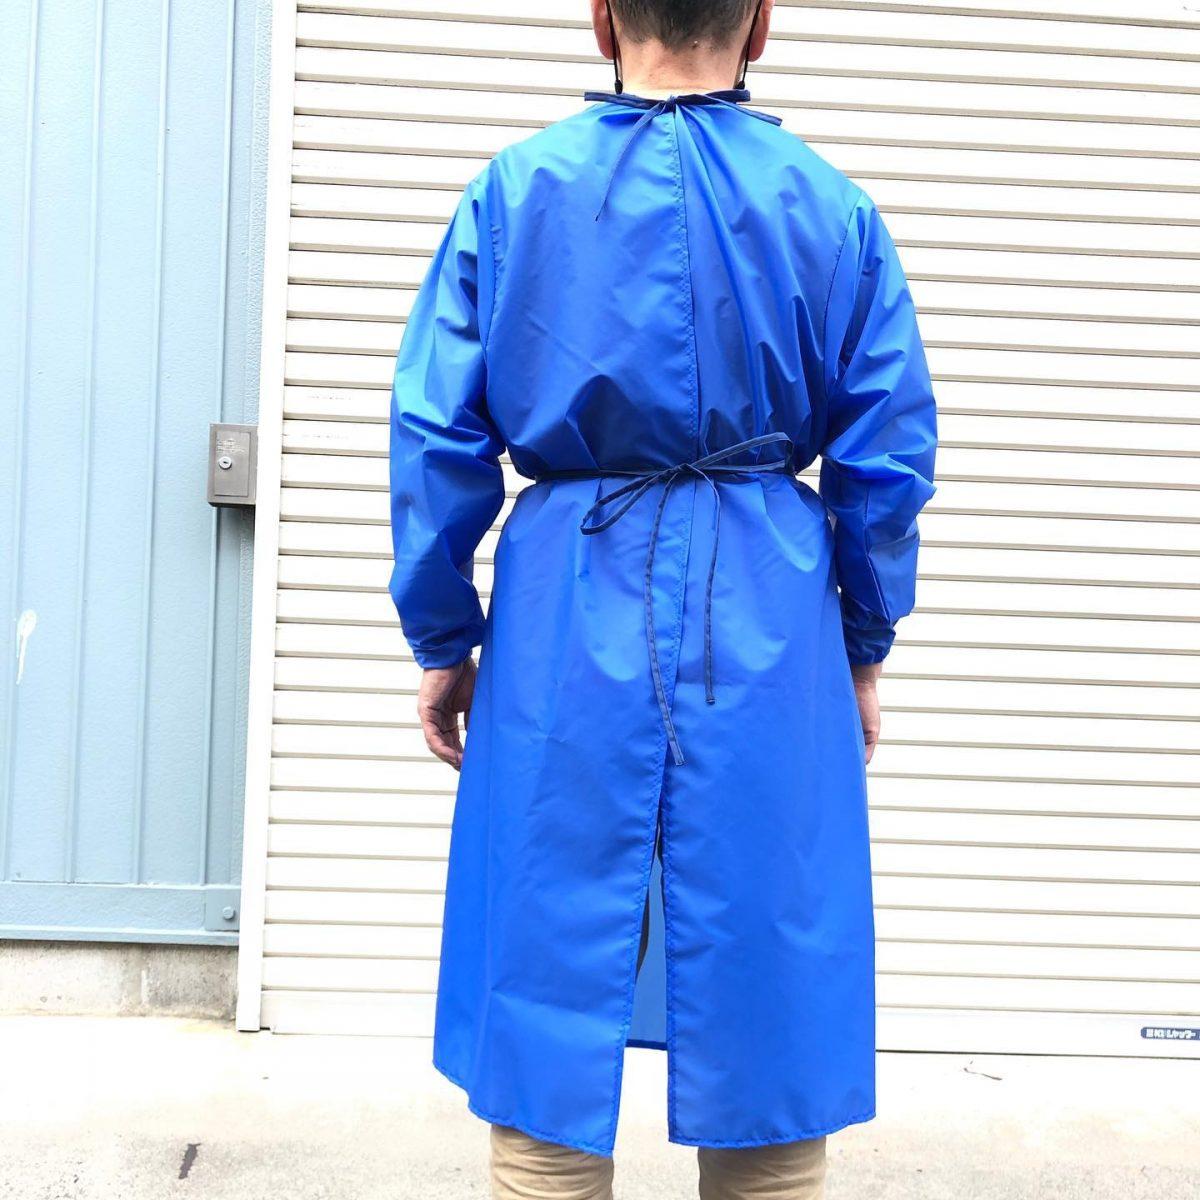 服 防護 ゴミ 袋 学校職員がポリエチレン袋で防護服の代用品づくり 大阪